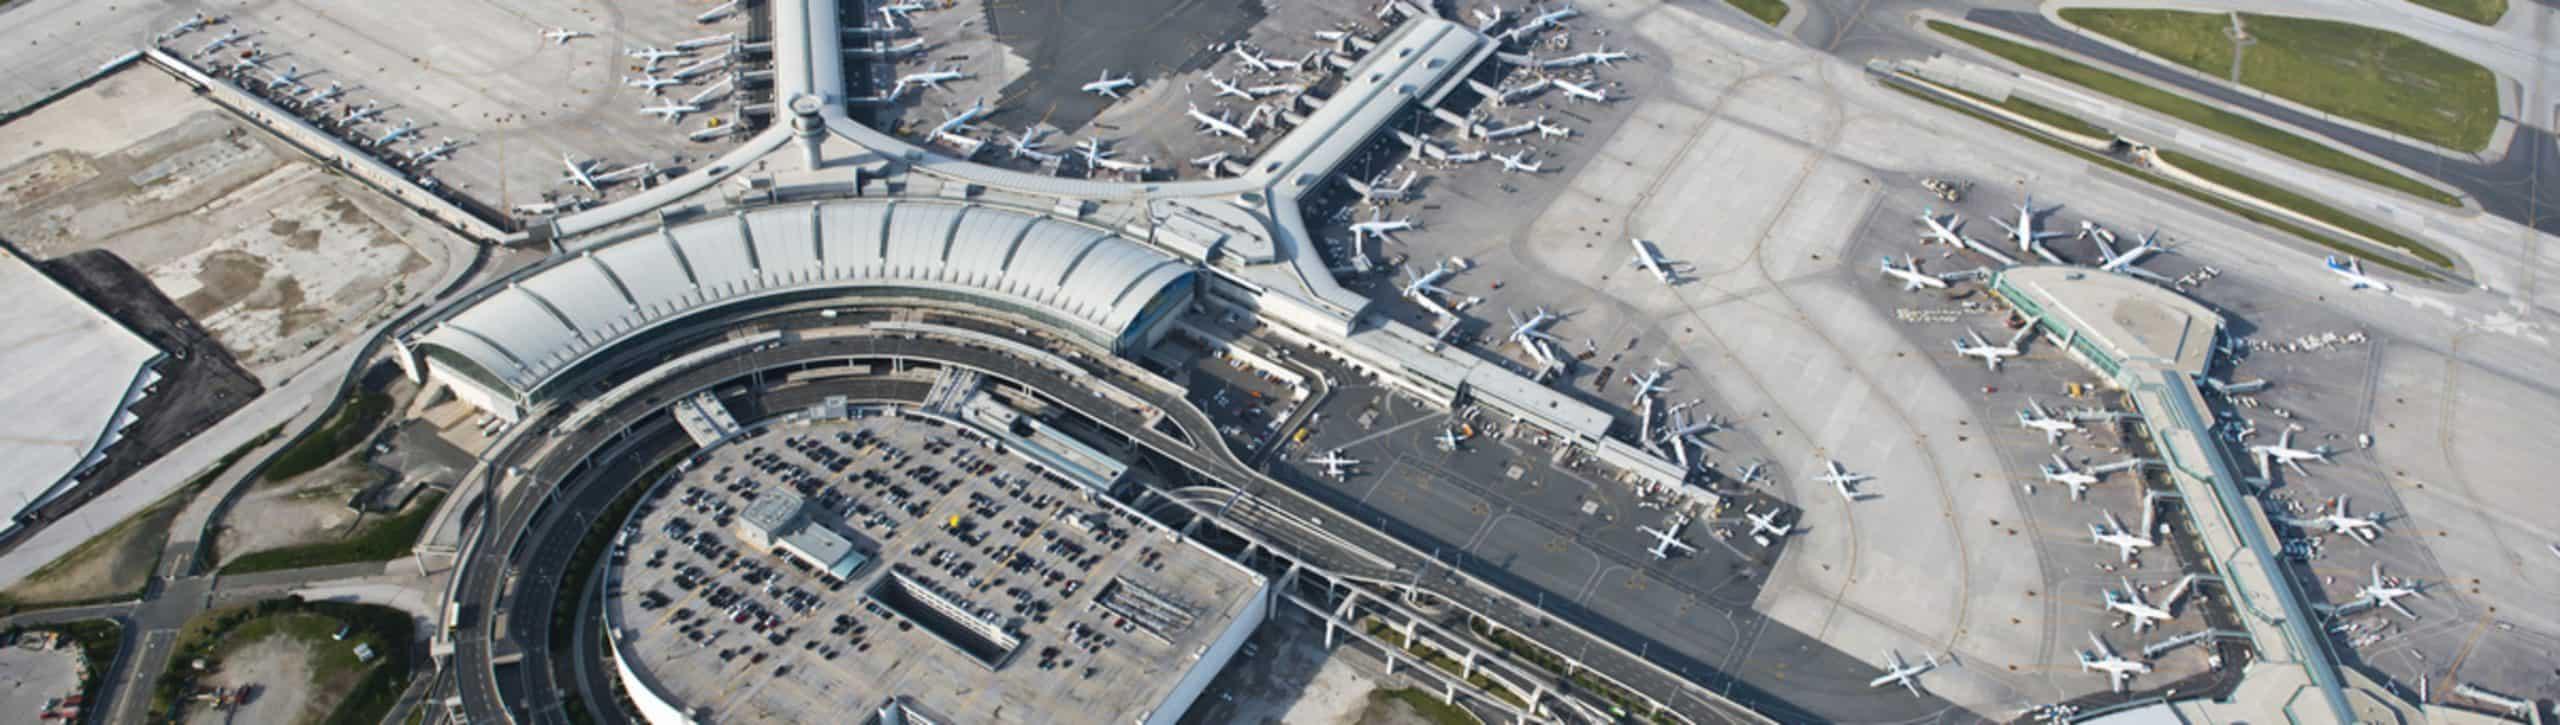 Toronto Airspace Reveiw